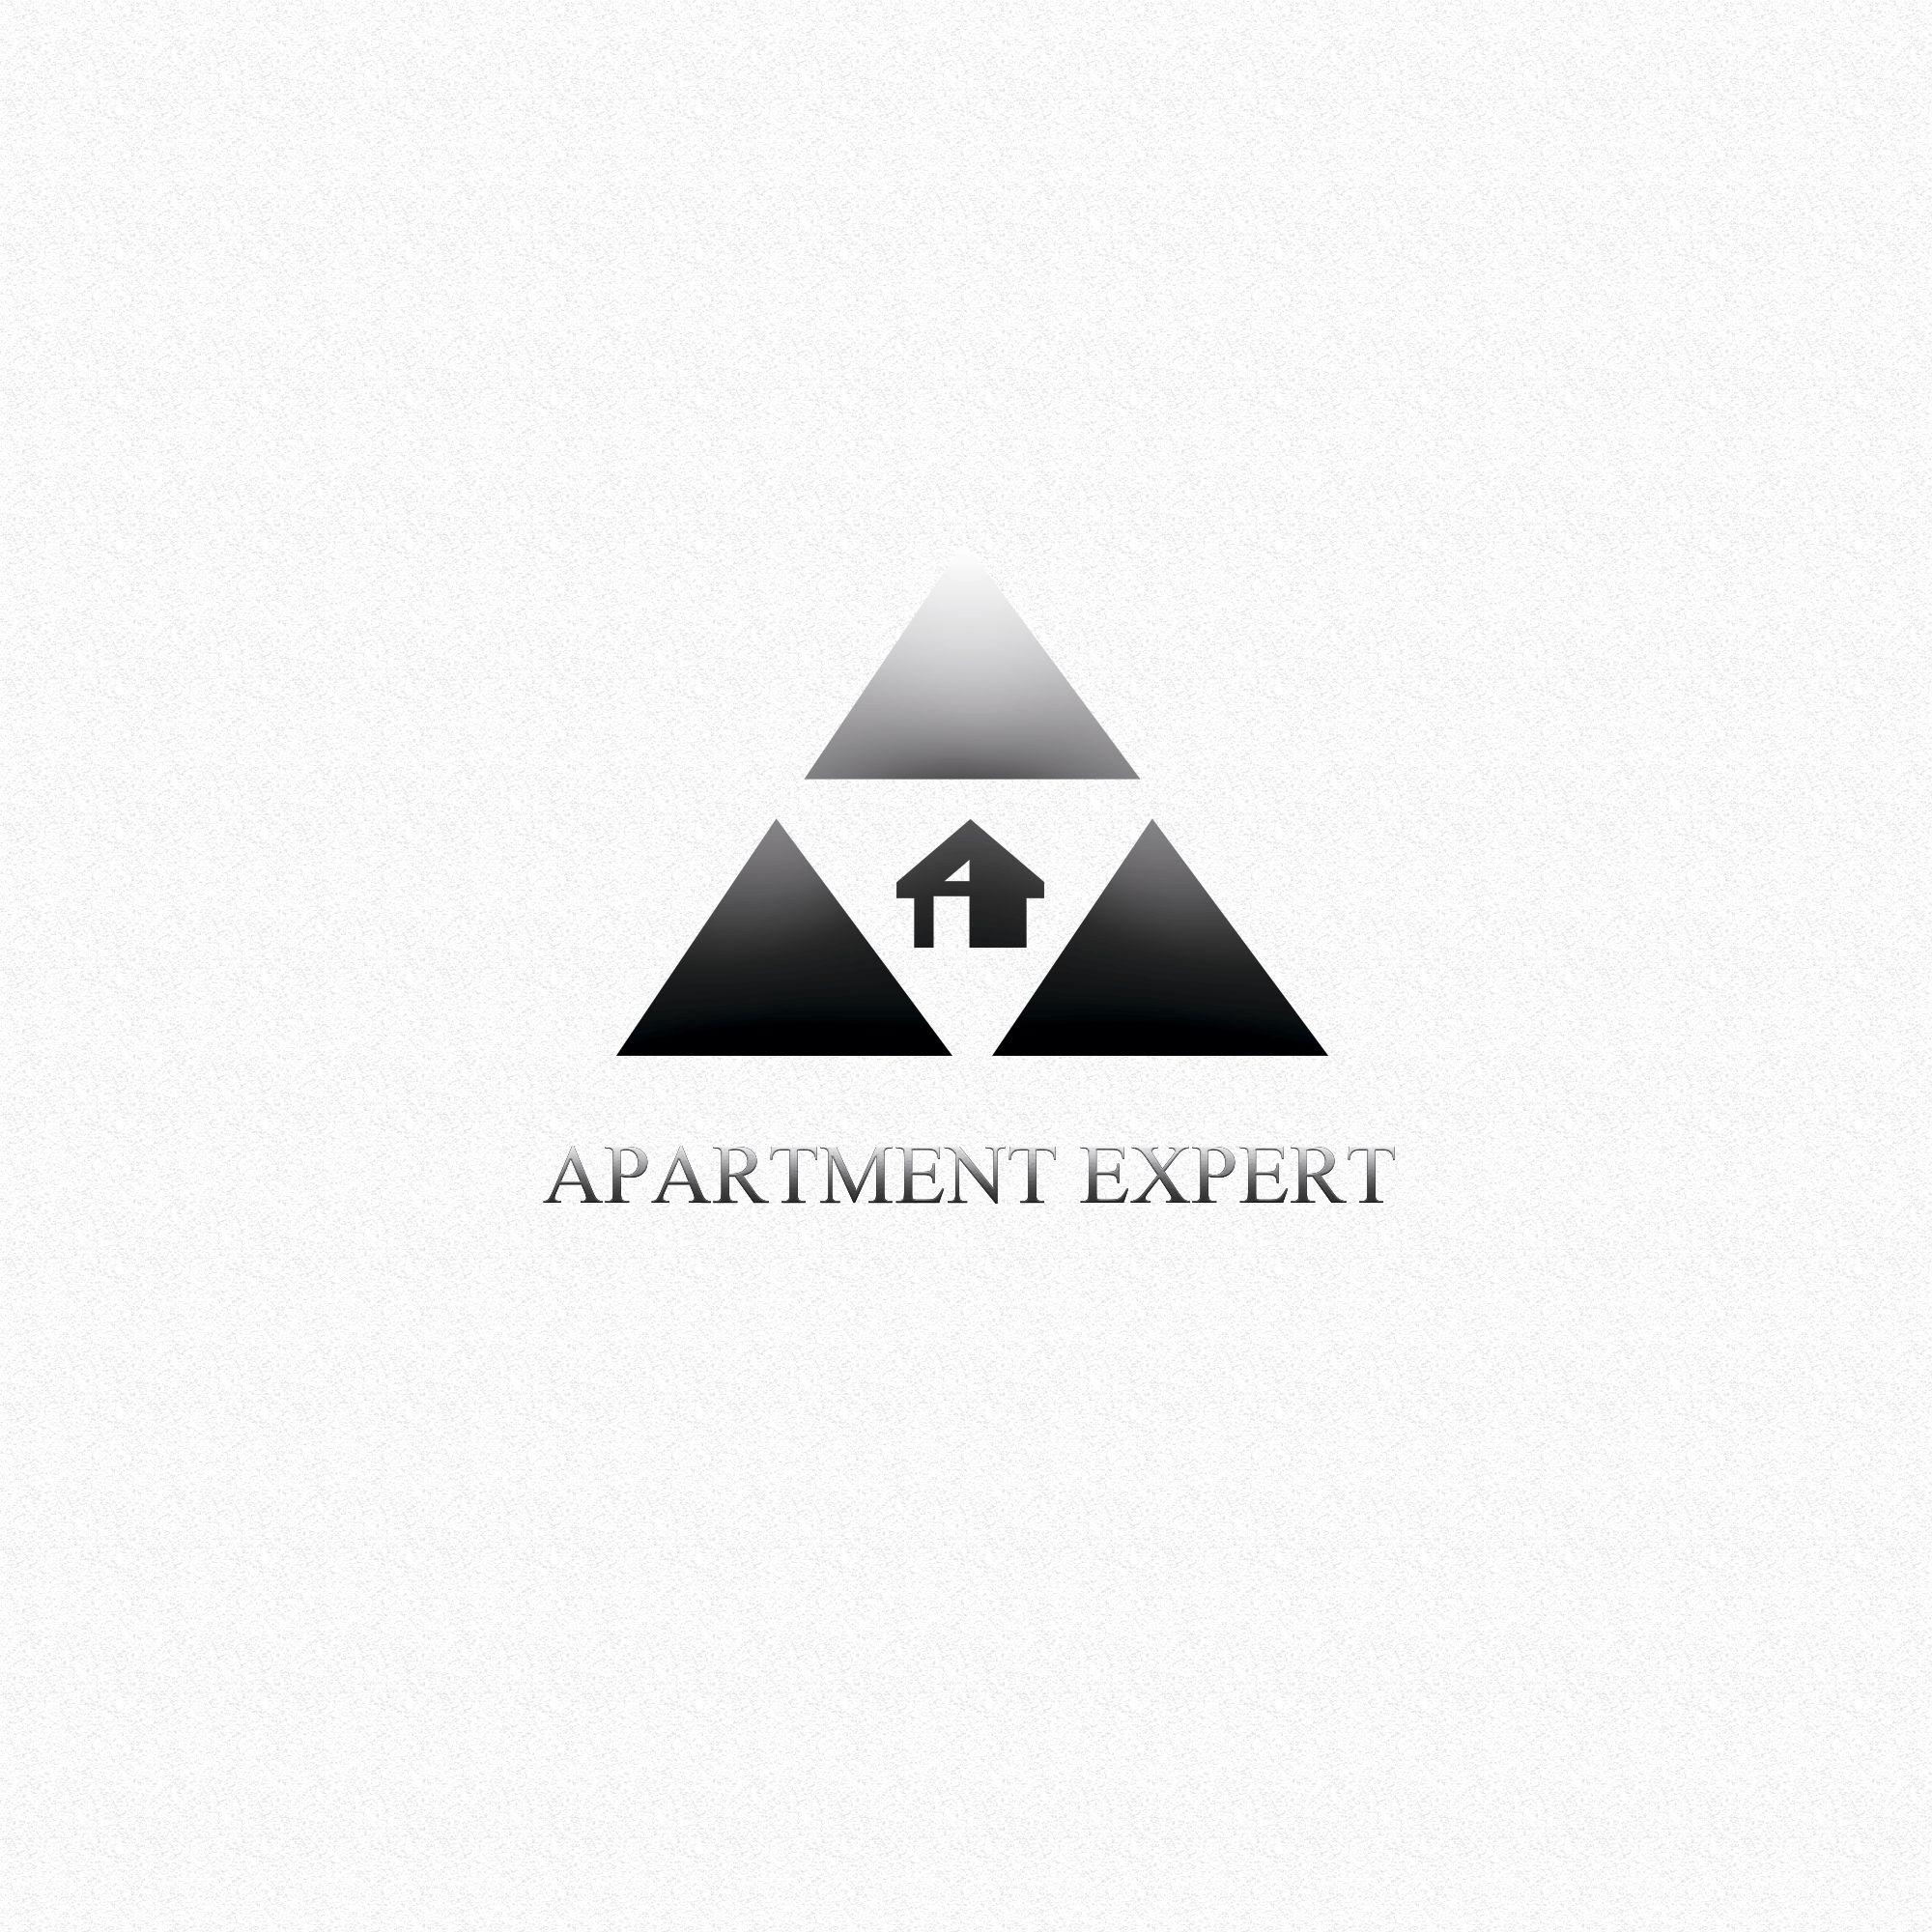 Логотип для APARTMENT EXPERT - ЦЕНТР НЕДВИЖИМОСТИ - дизайнер 347347